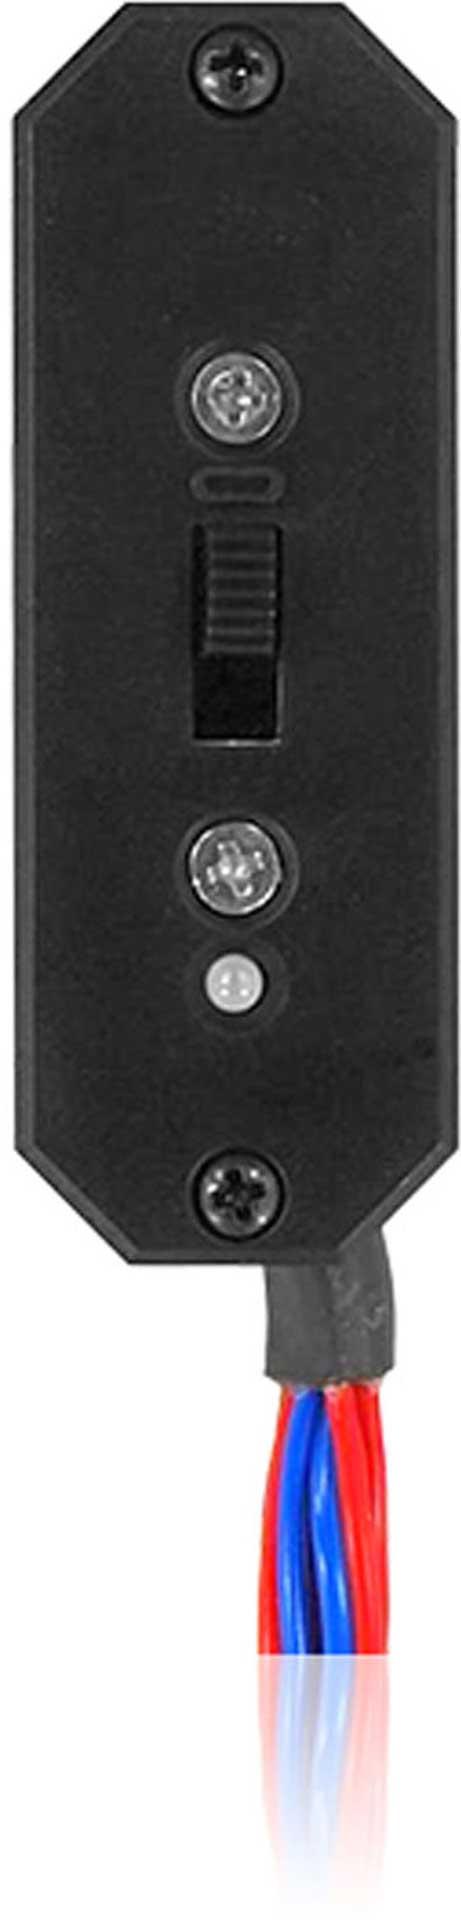 POWERBOX SYSTEMS SCHALTER-AKKUWEICHE POWERBOX 12